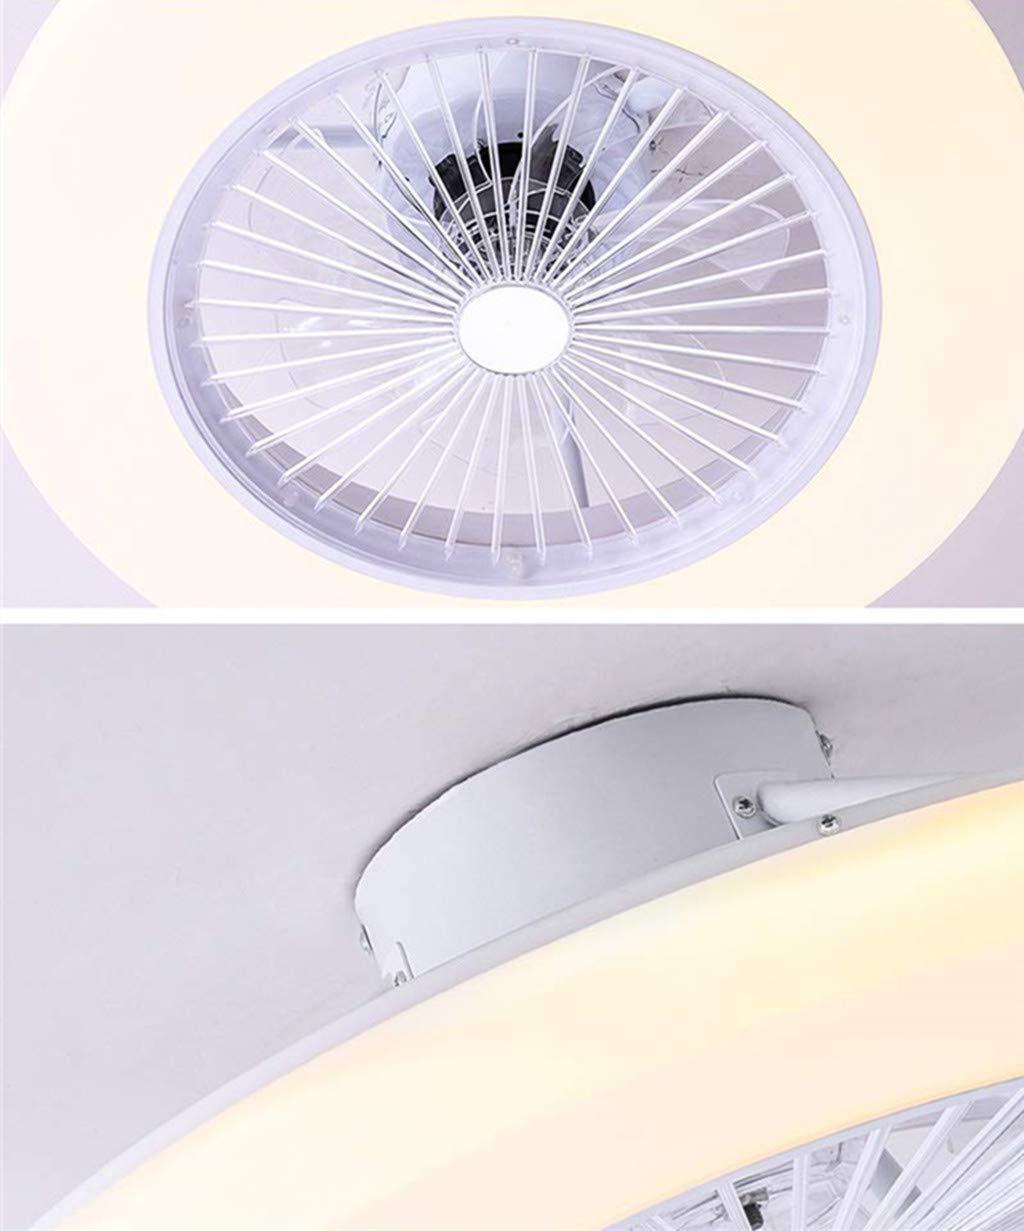 SLZ Ventilador De Techo HGW con Iluminación, Ventilador De Techo LED Ventilador De Luz, Velocidad del Viento ...